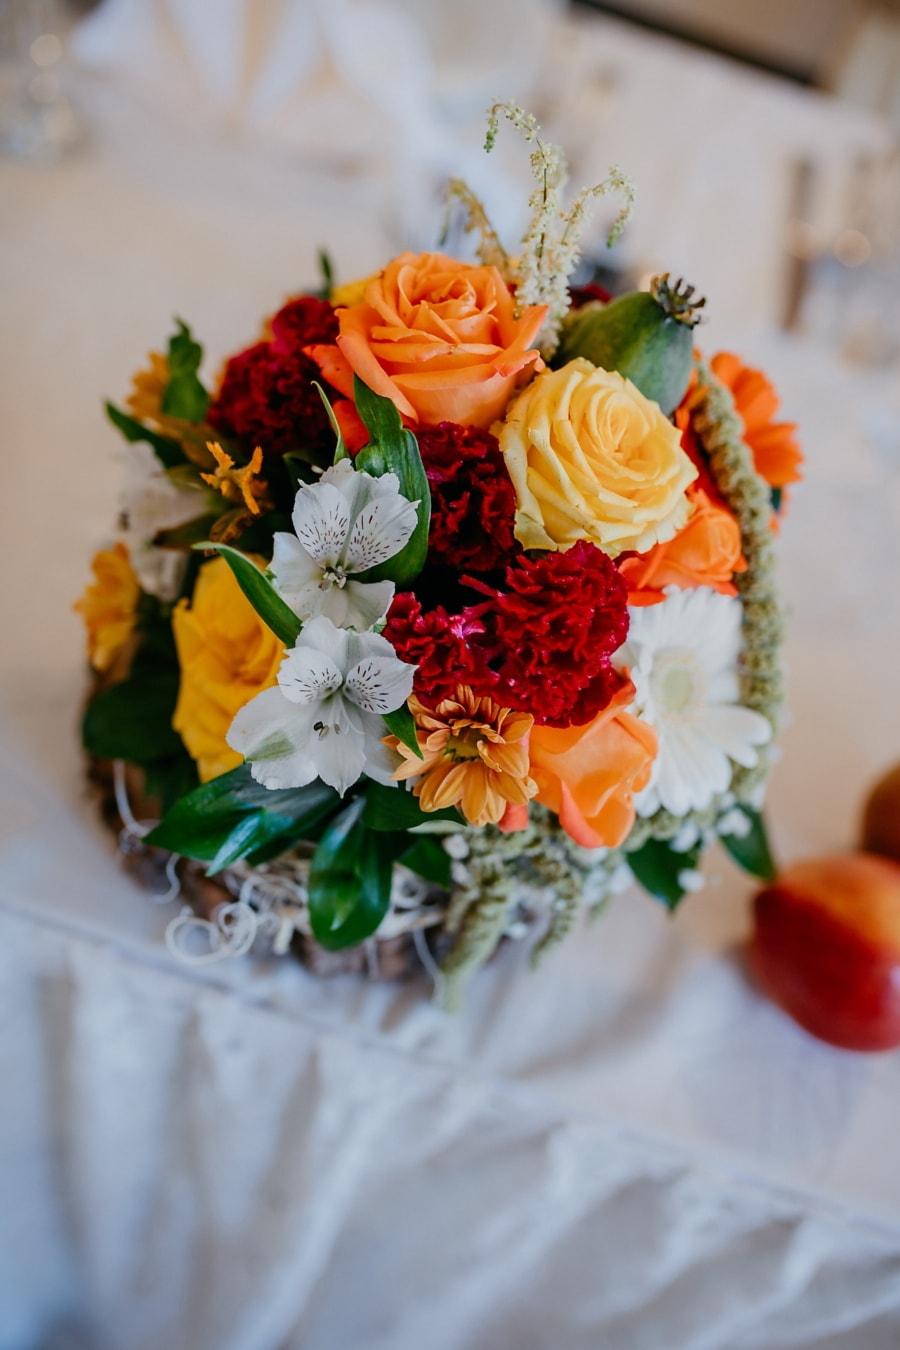 pastel, couleurs, bouquet, amour, Rose, arrangement, fleur, romance, décoration, feuille